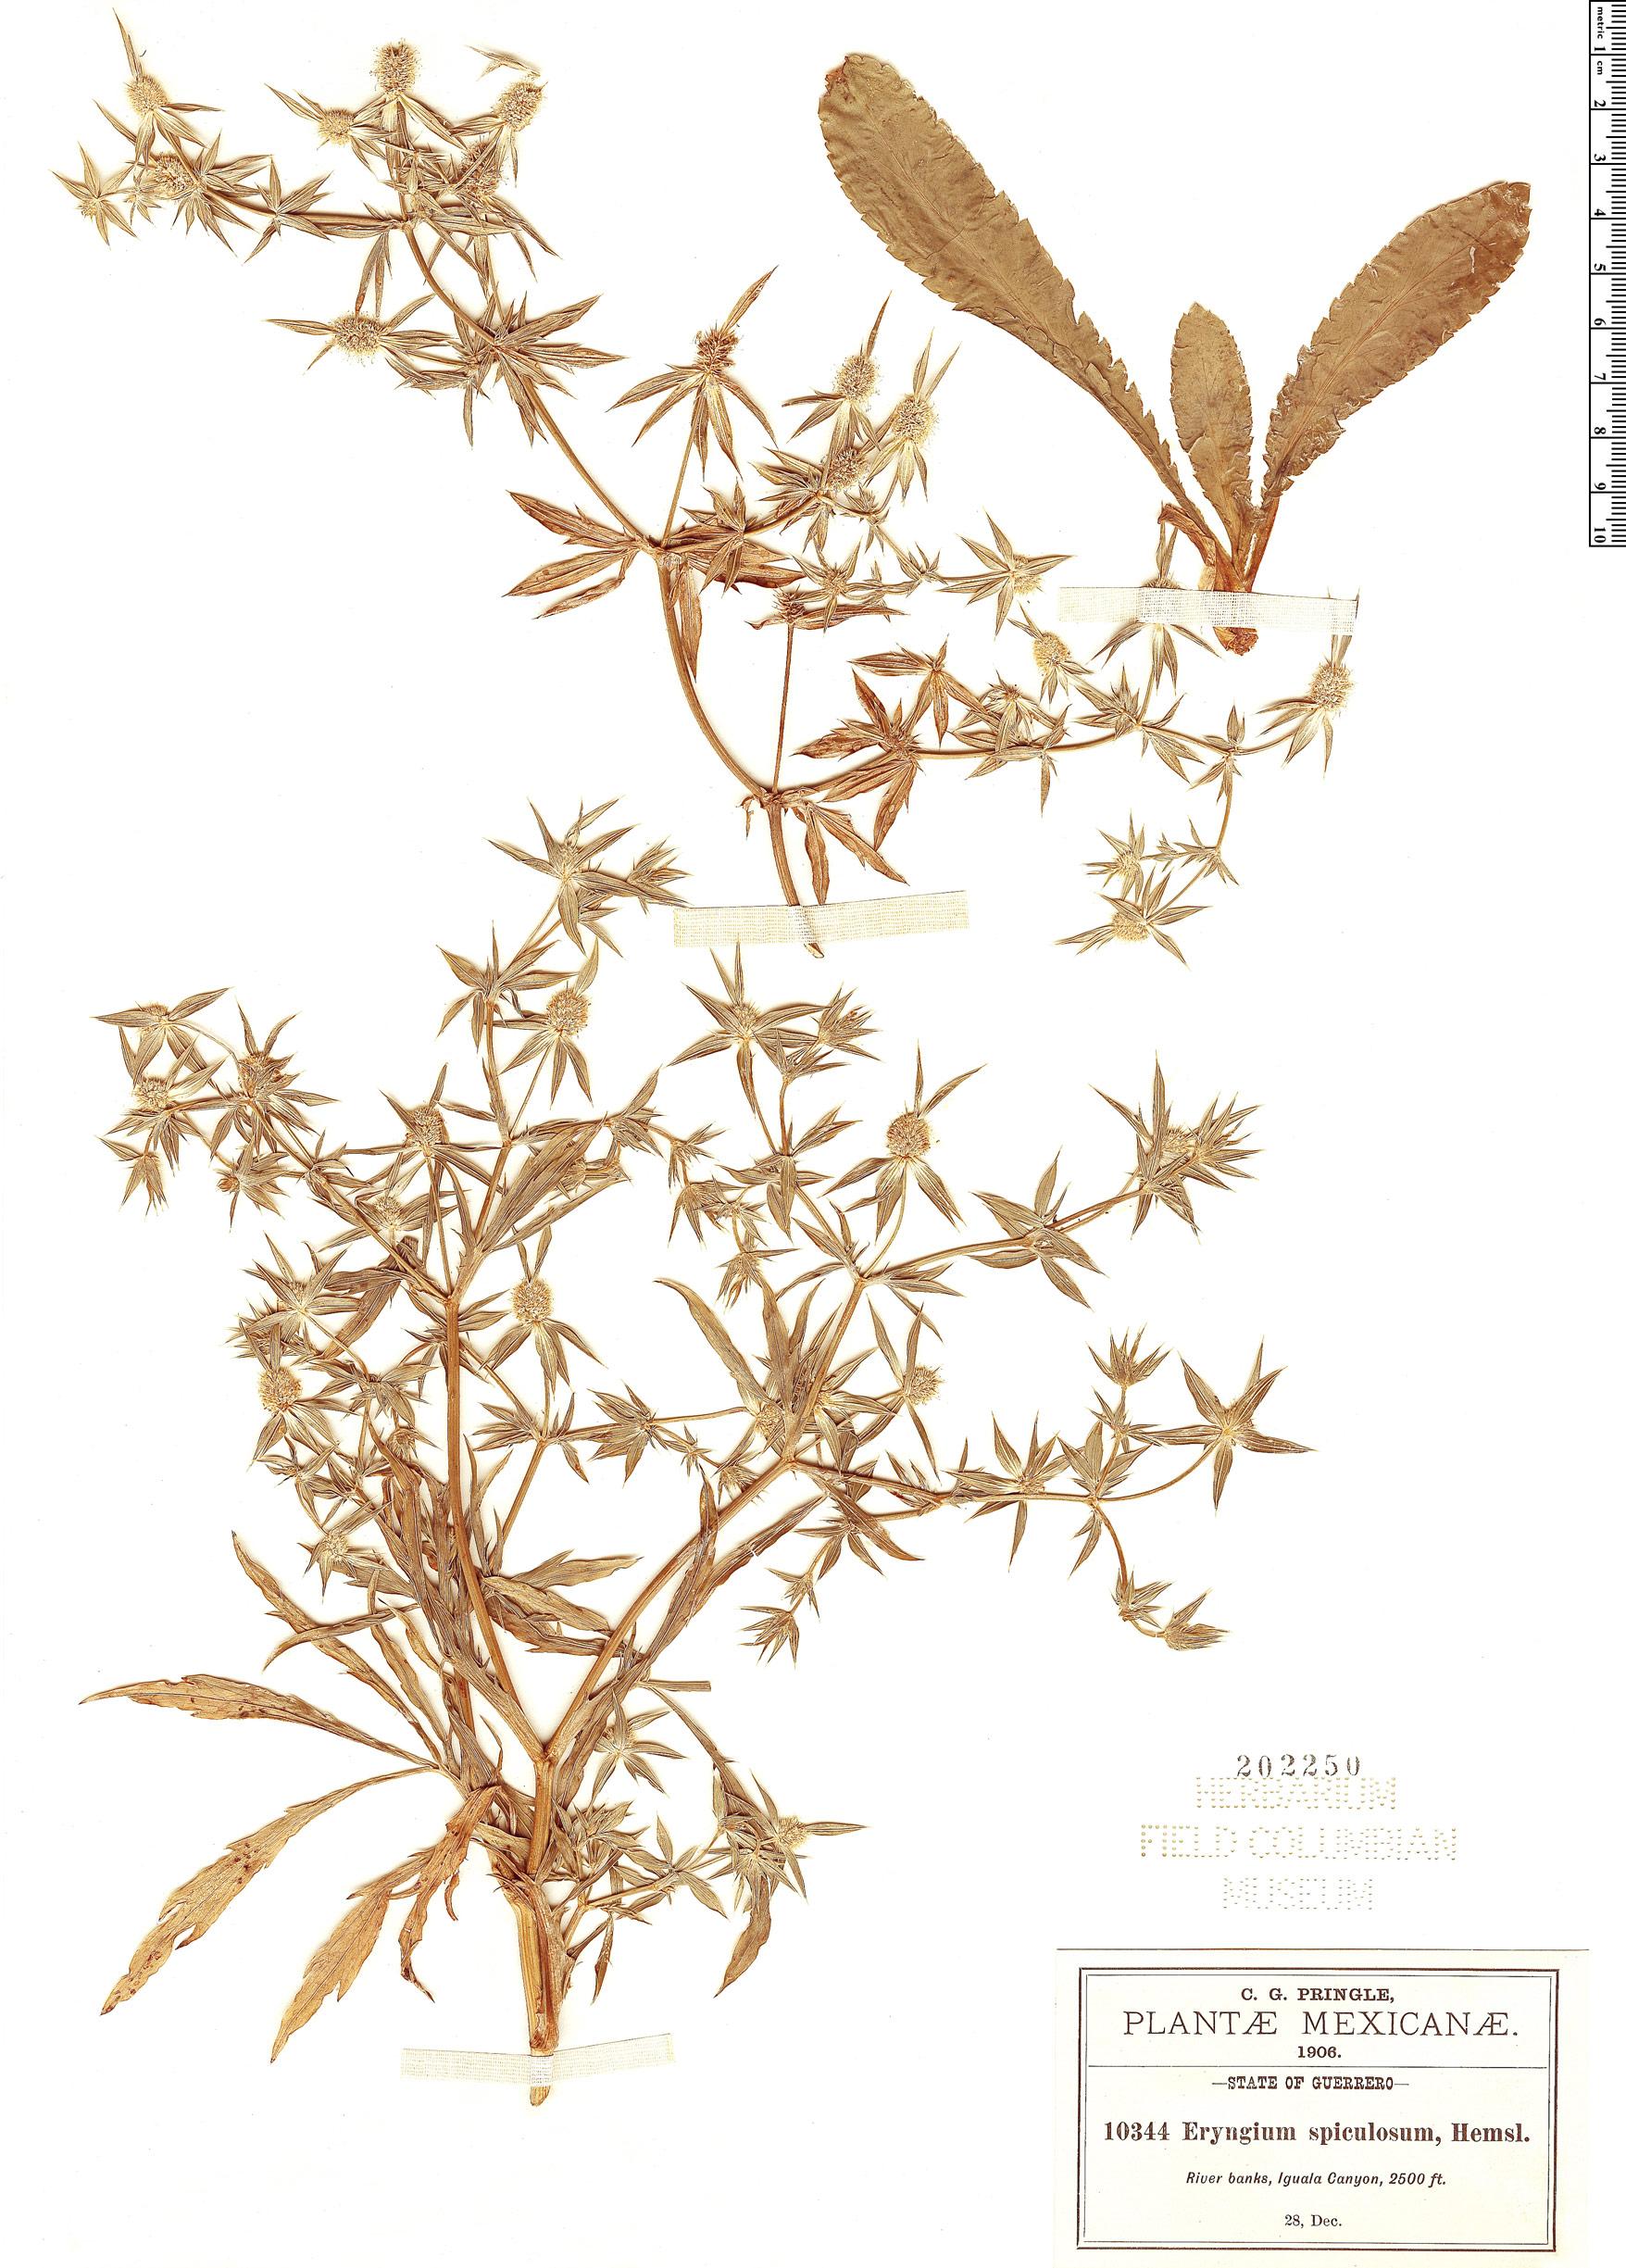 Specimen: Eryngium spiculosum